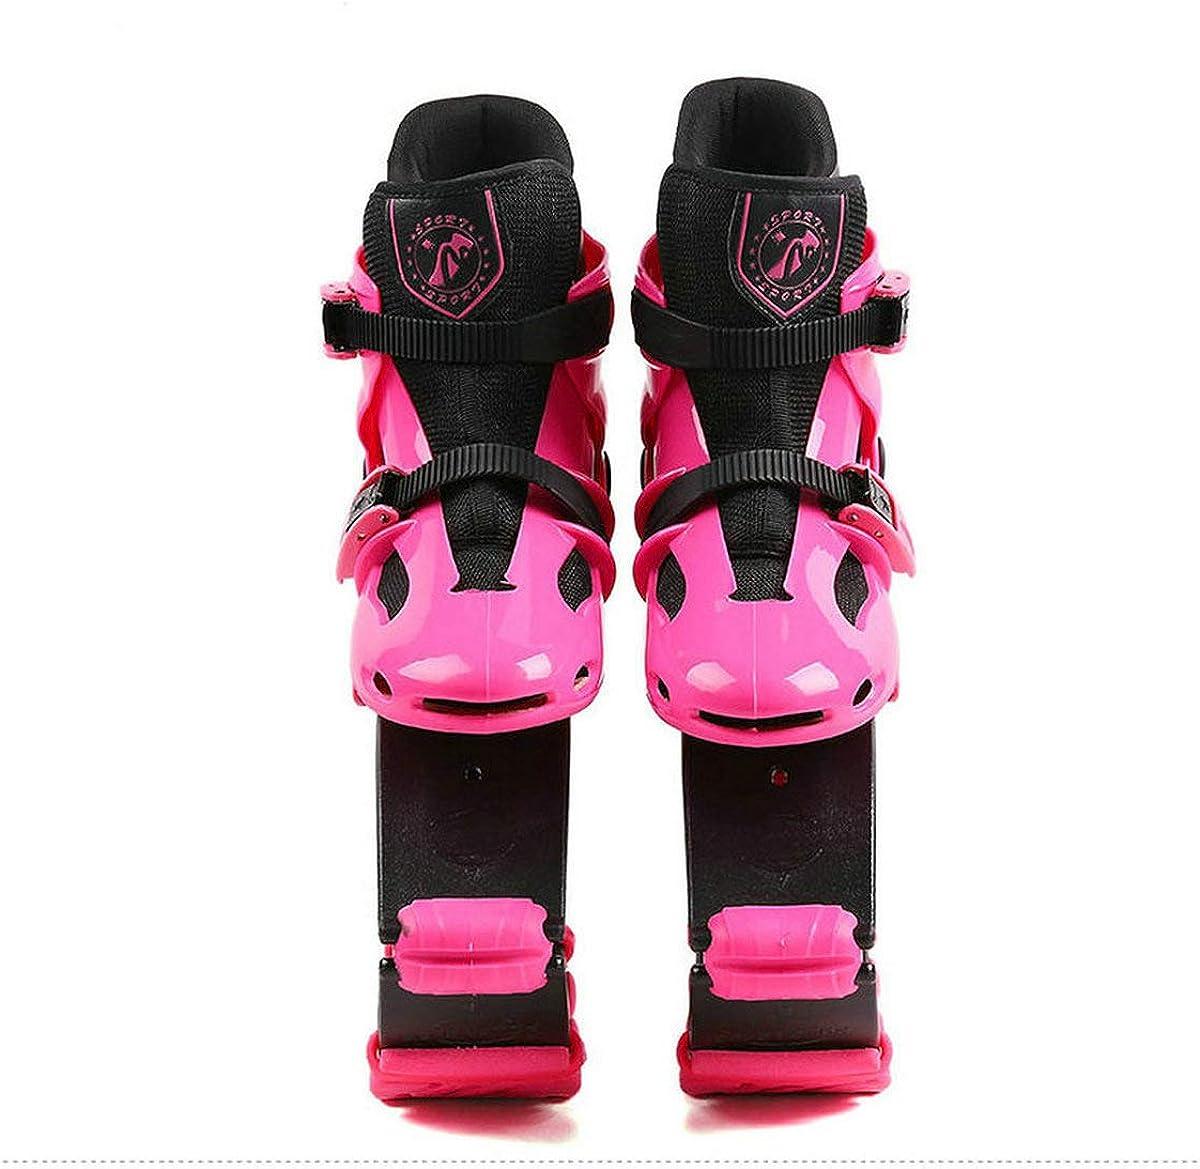 Unisexe pour adultes Chaussures anti-gravit/é,pour rebondir de 20 /à 99,8/kg courir sauter